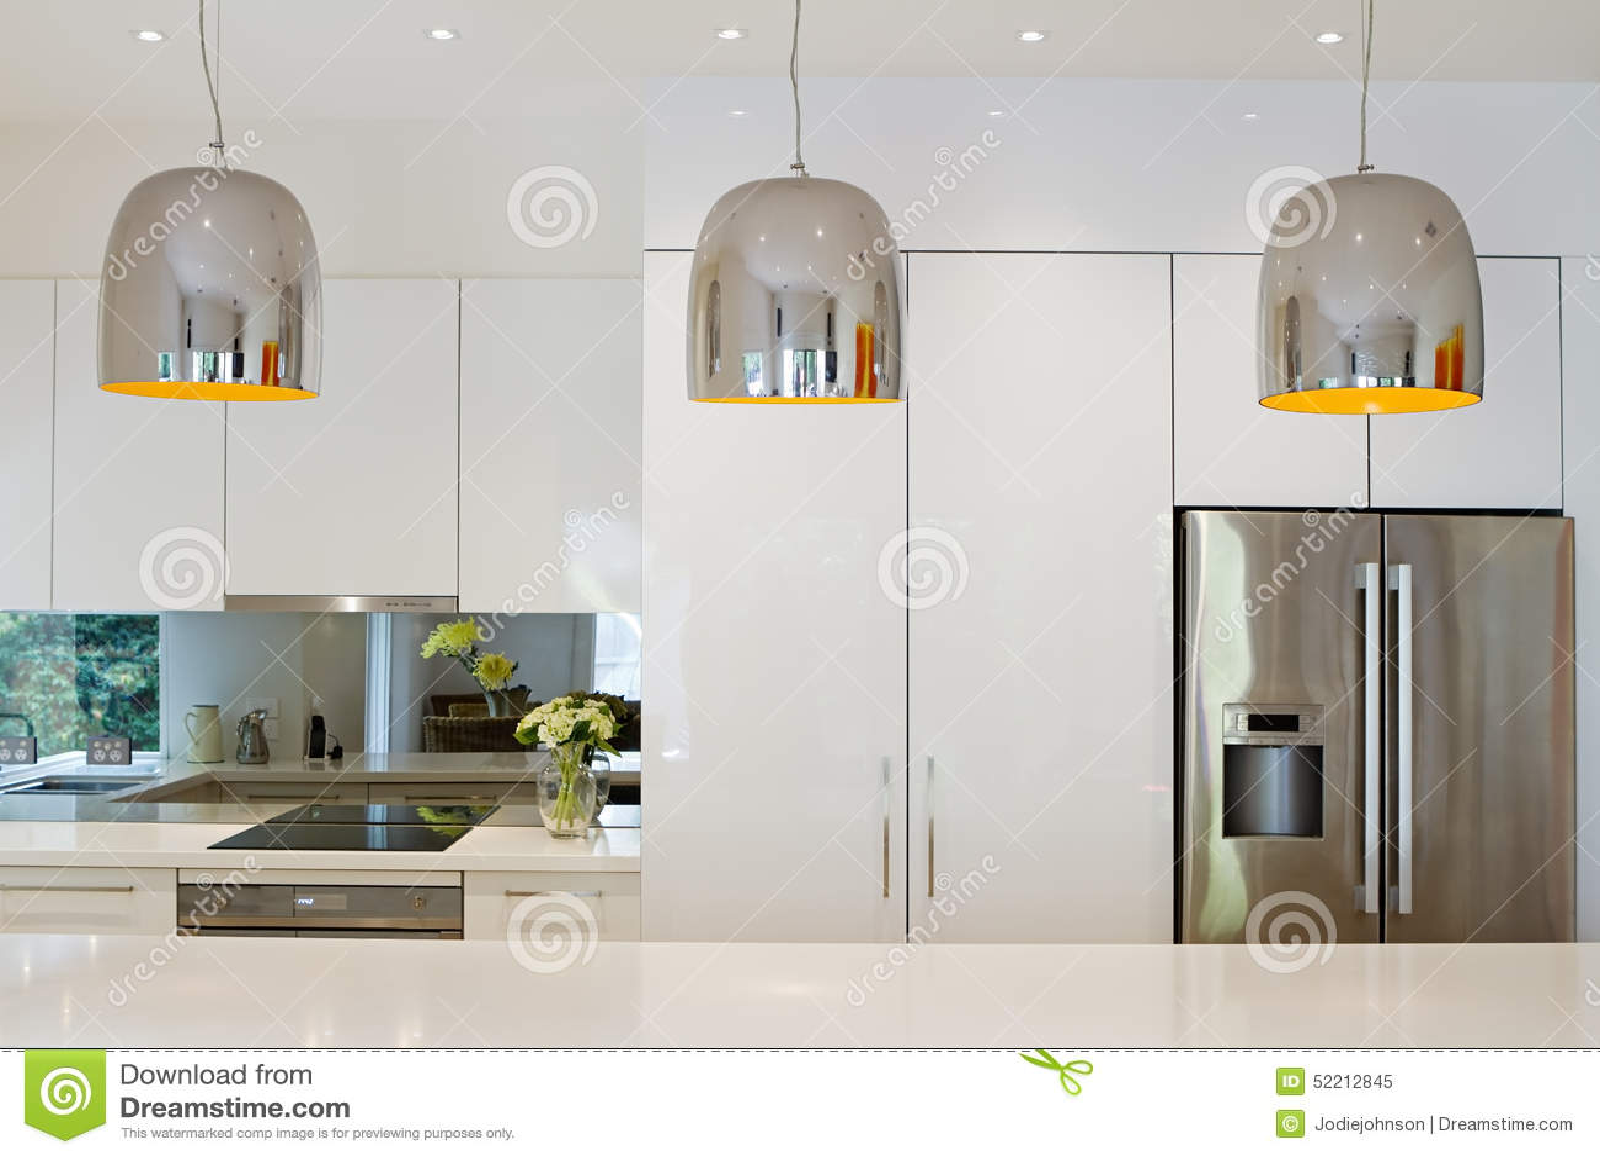 Ziemlich Lichter über Kücheninsel Bilder - Ideen Für Die Küche ...